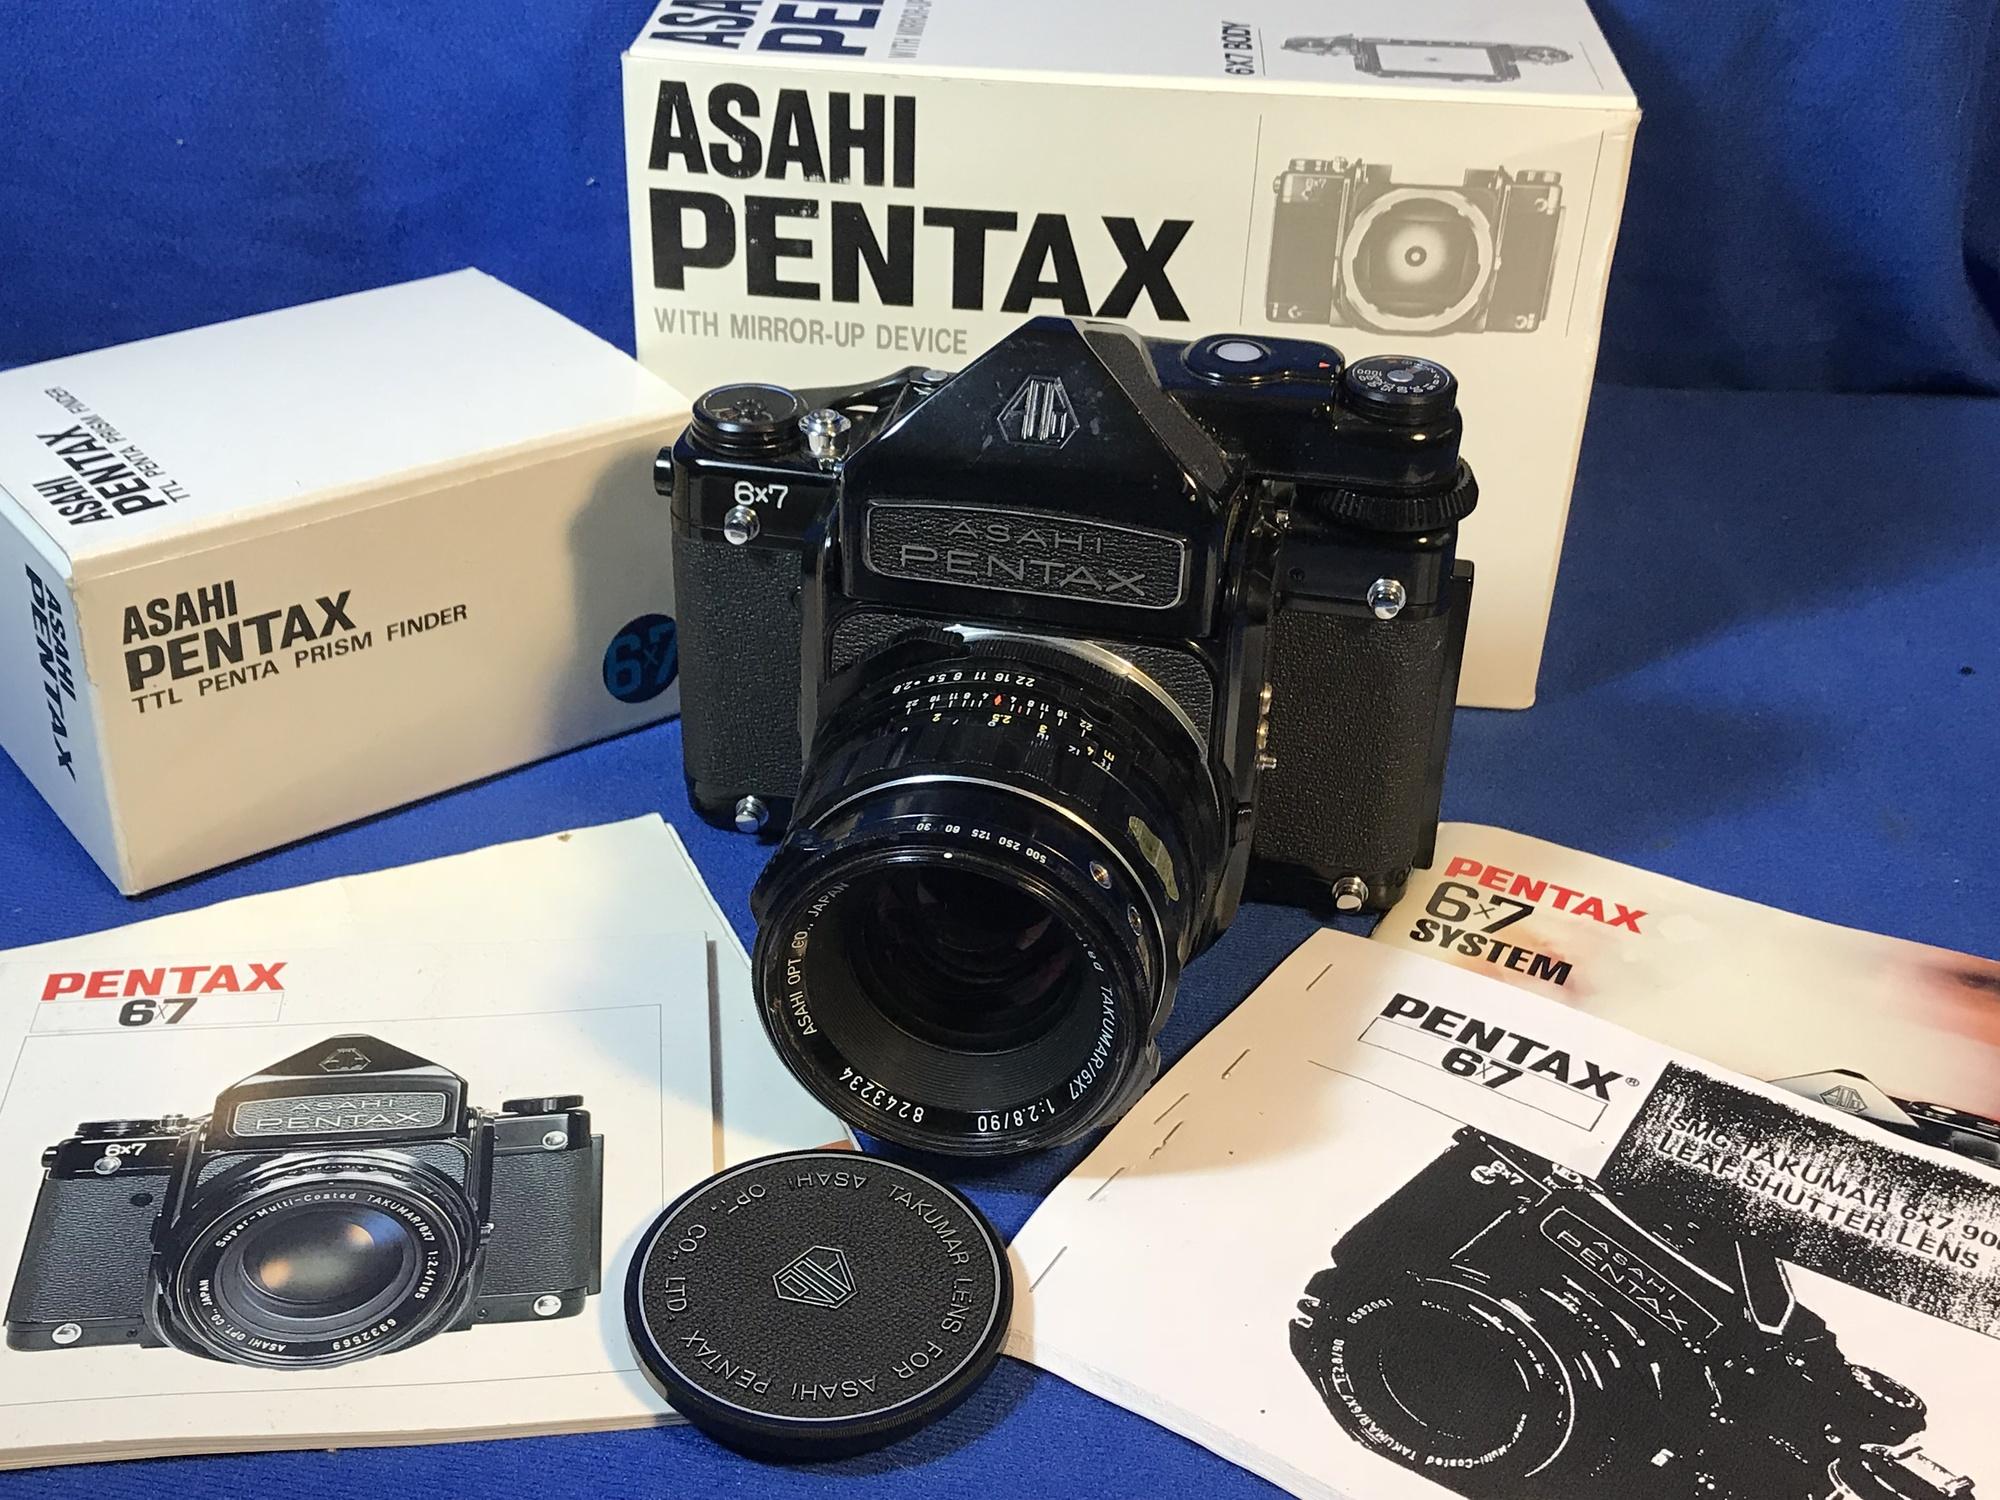 Sold: Pentax 67 6X7 TTL SLR Mirror-up Camera SMC Takumar f/2 8 90mm